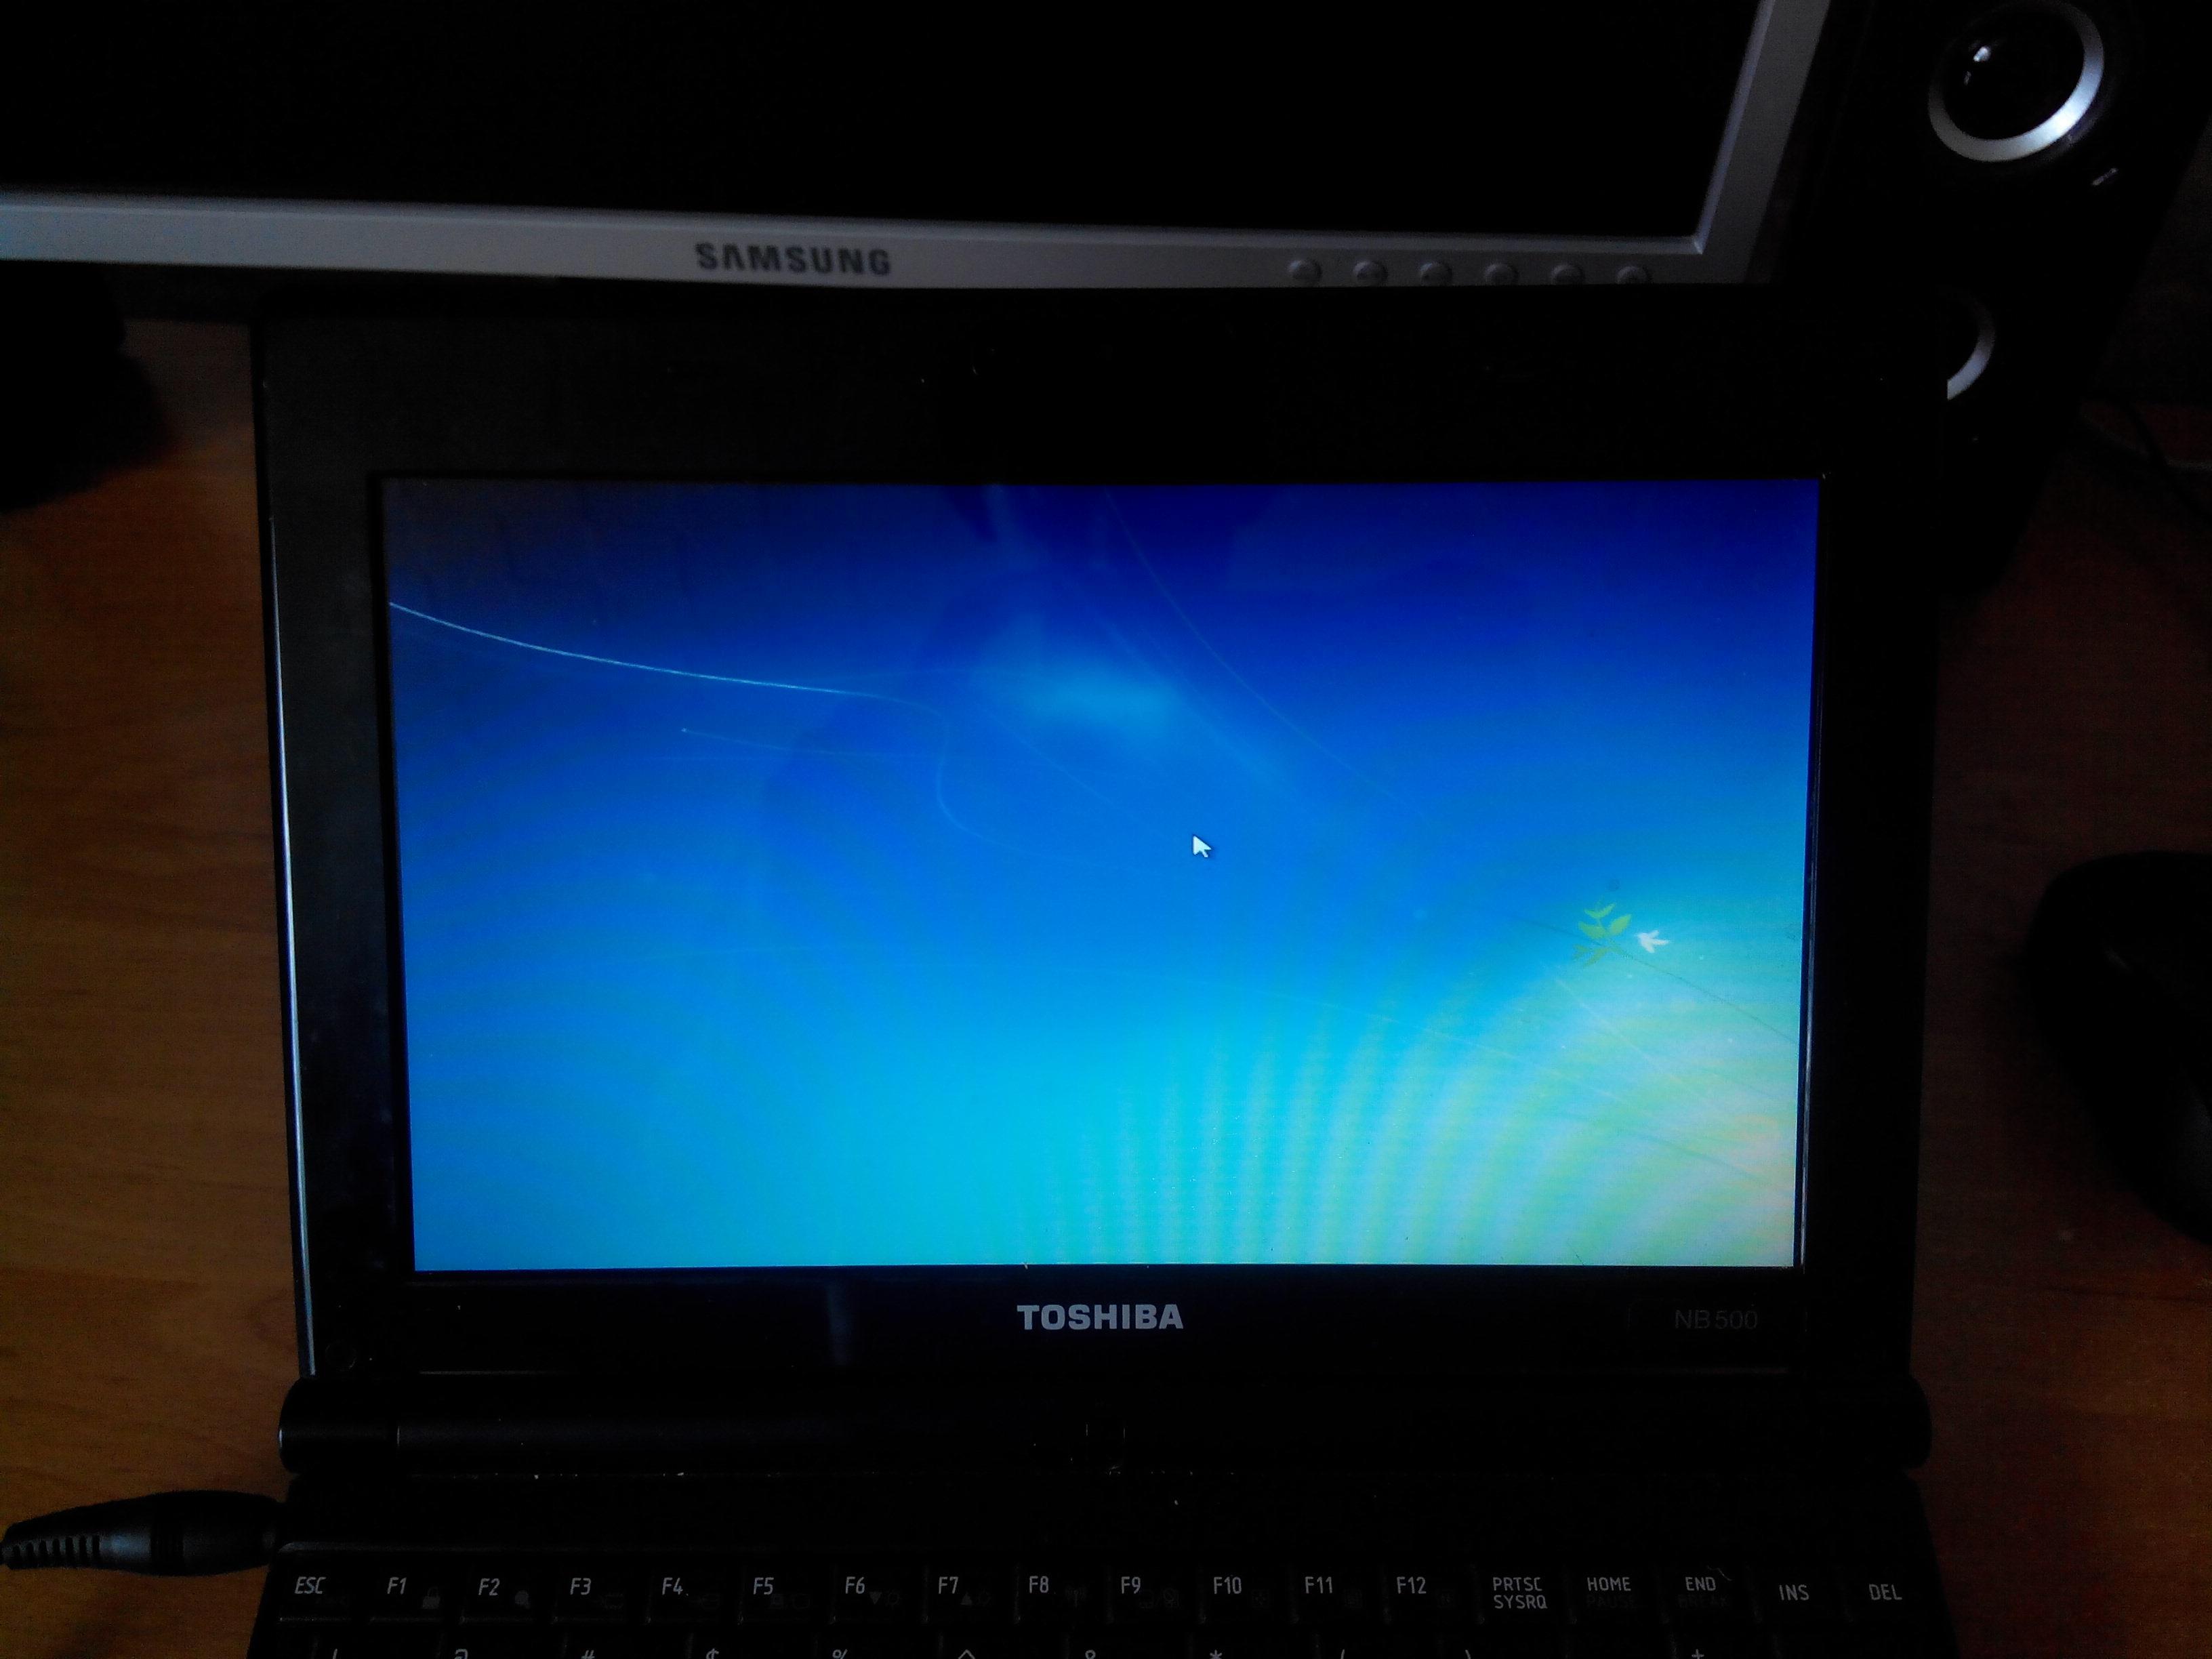 Toshiba NB500 - Nie mo�na uruchomi� przywracania systemu